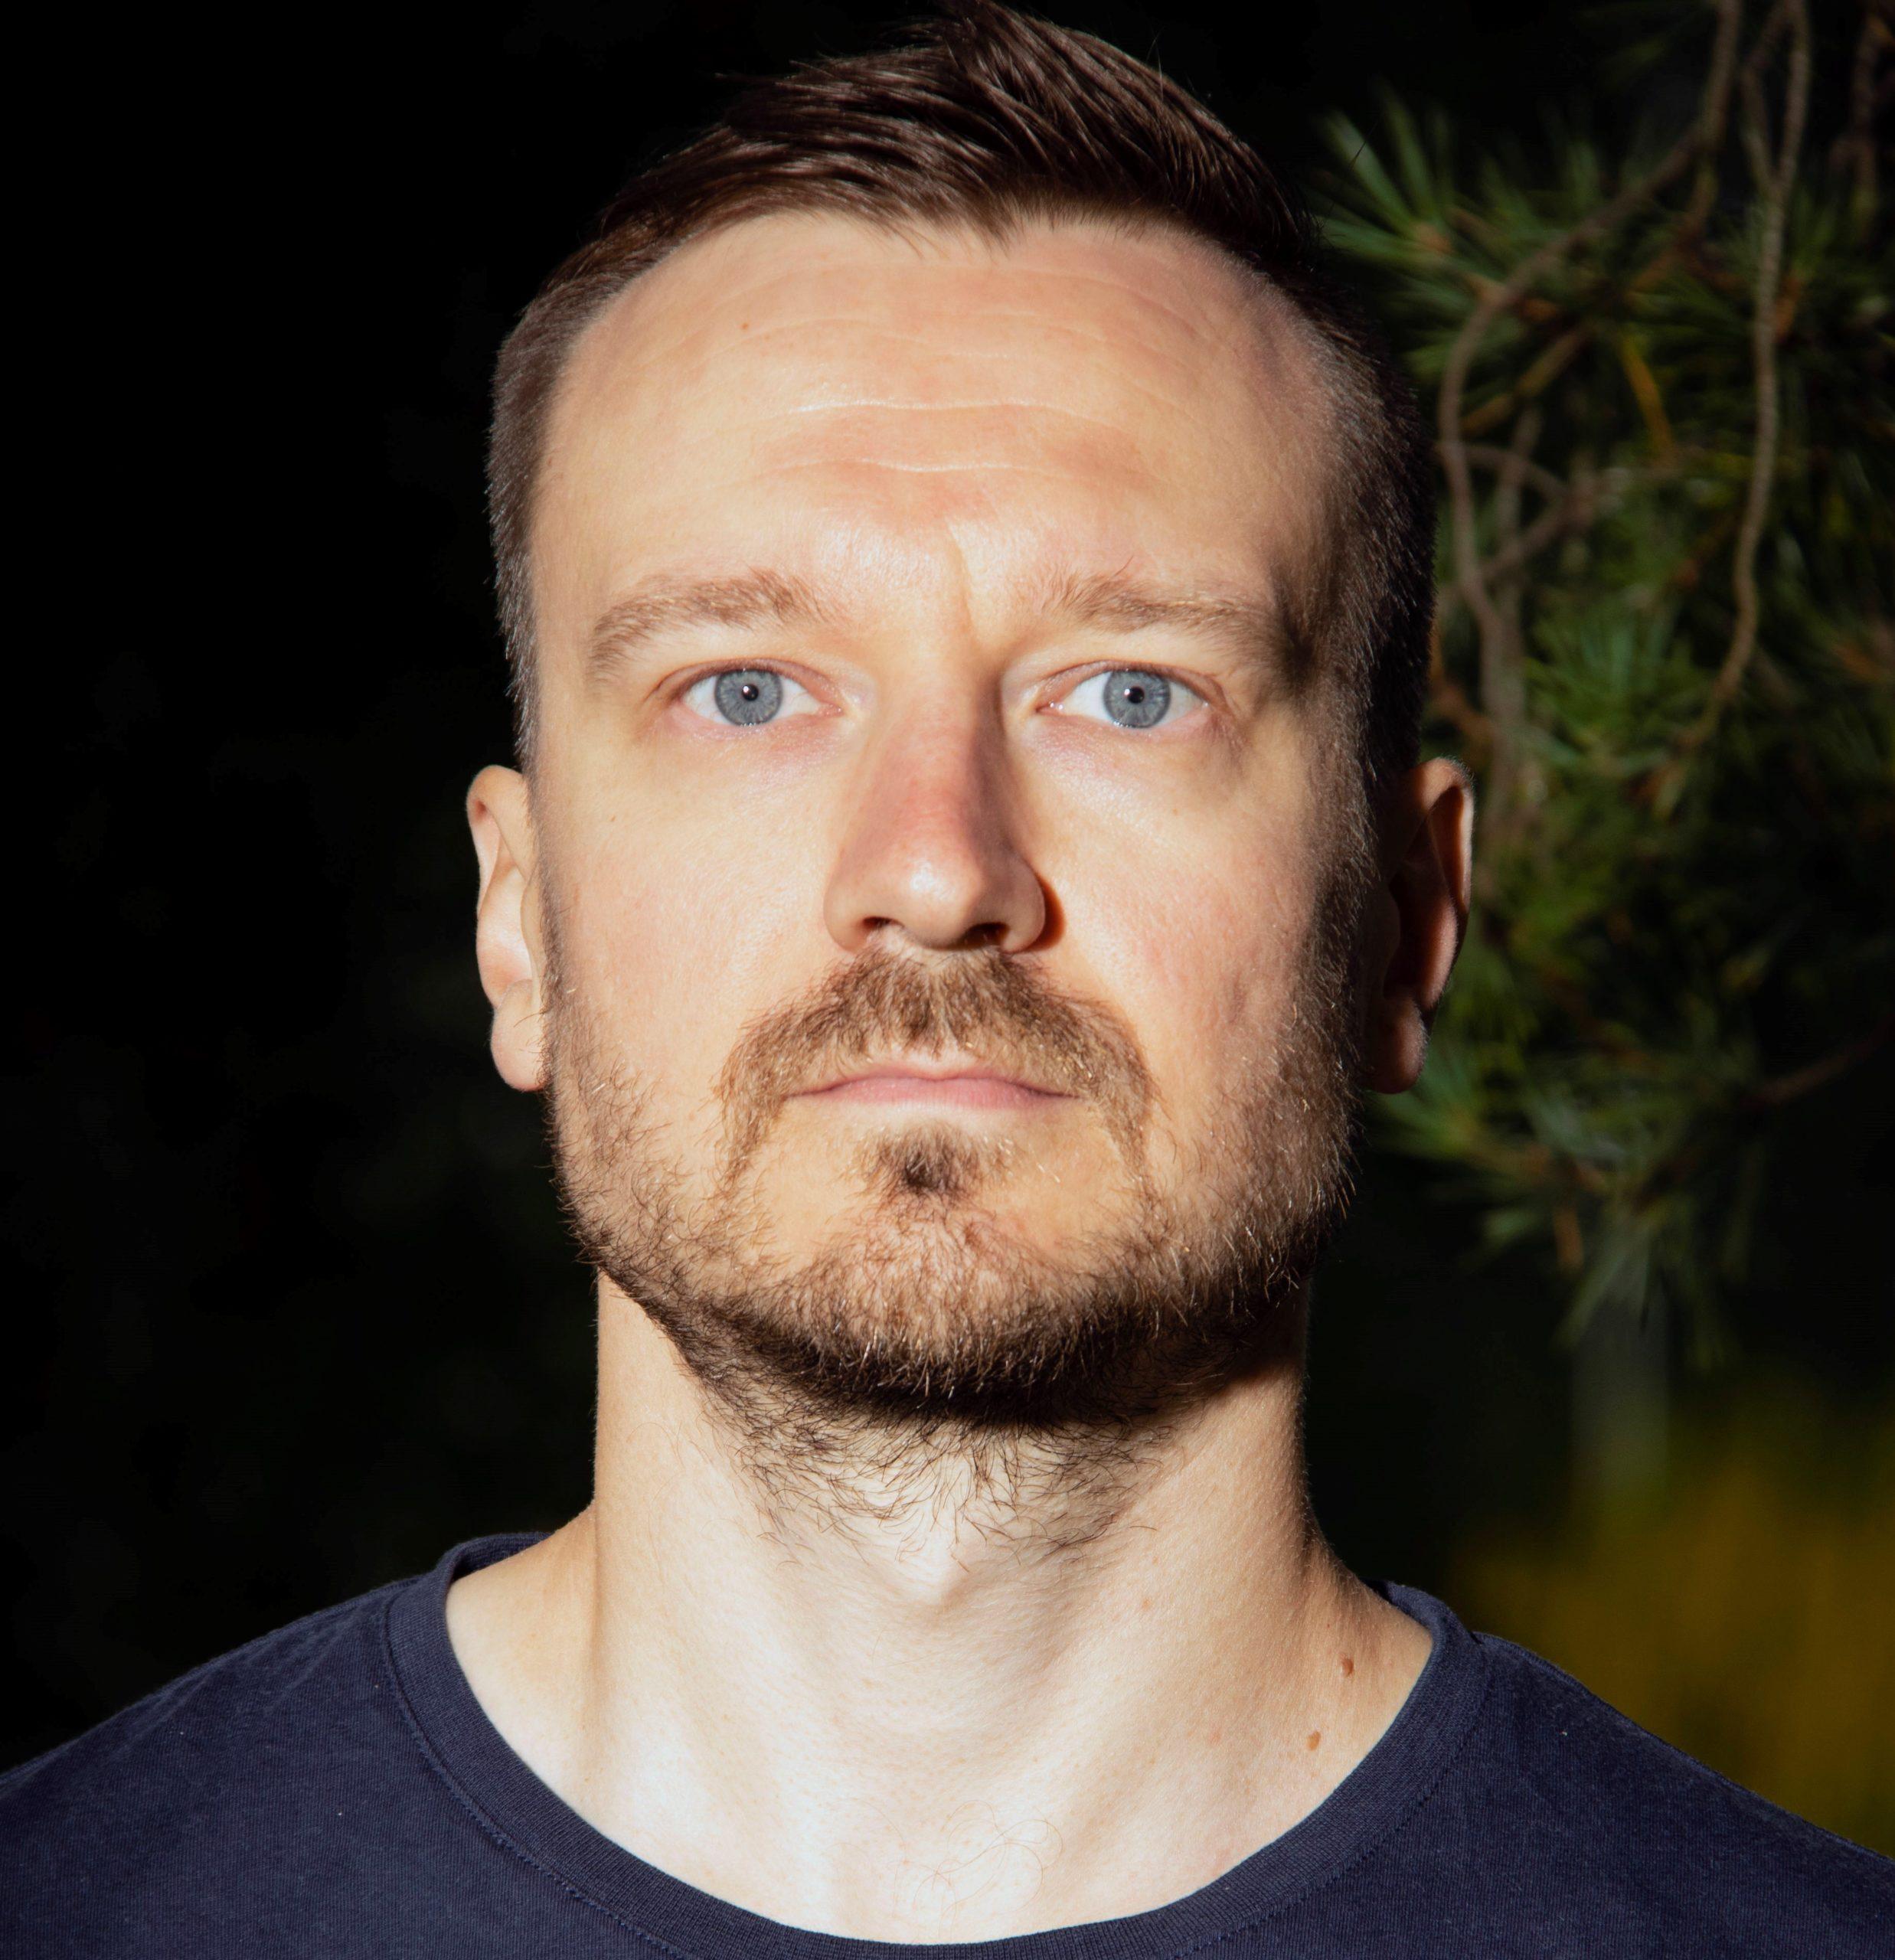 Liikuntapalvelupäällikkö Janne Laamanen